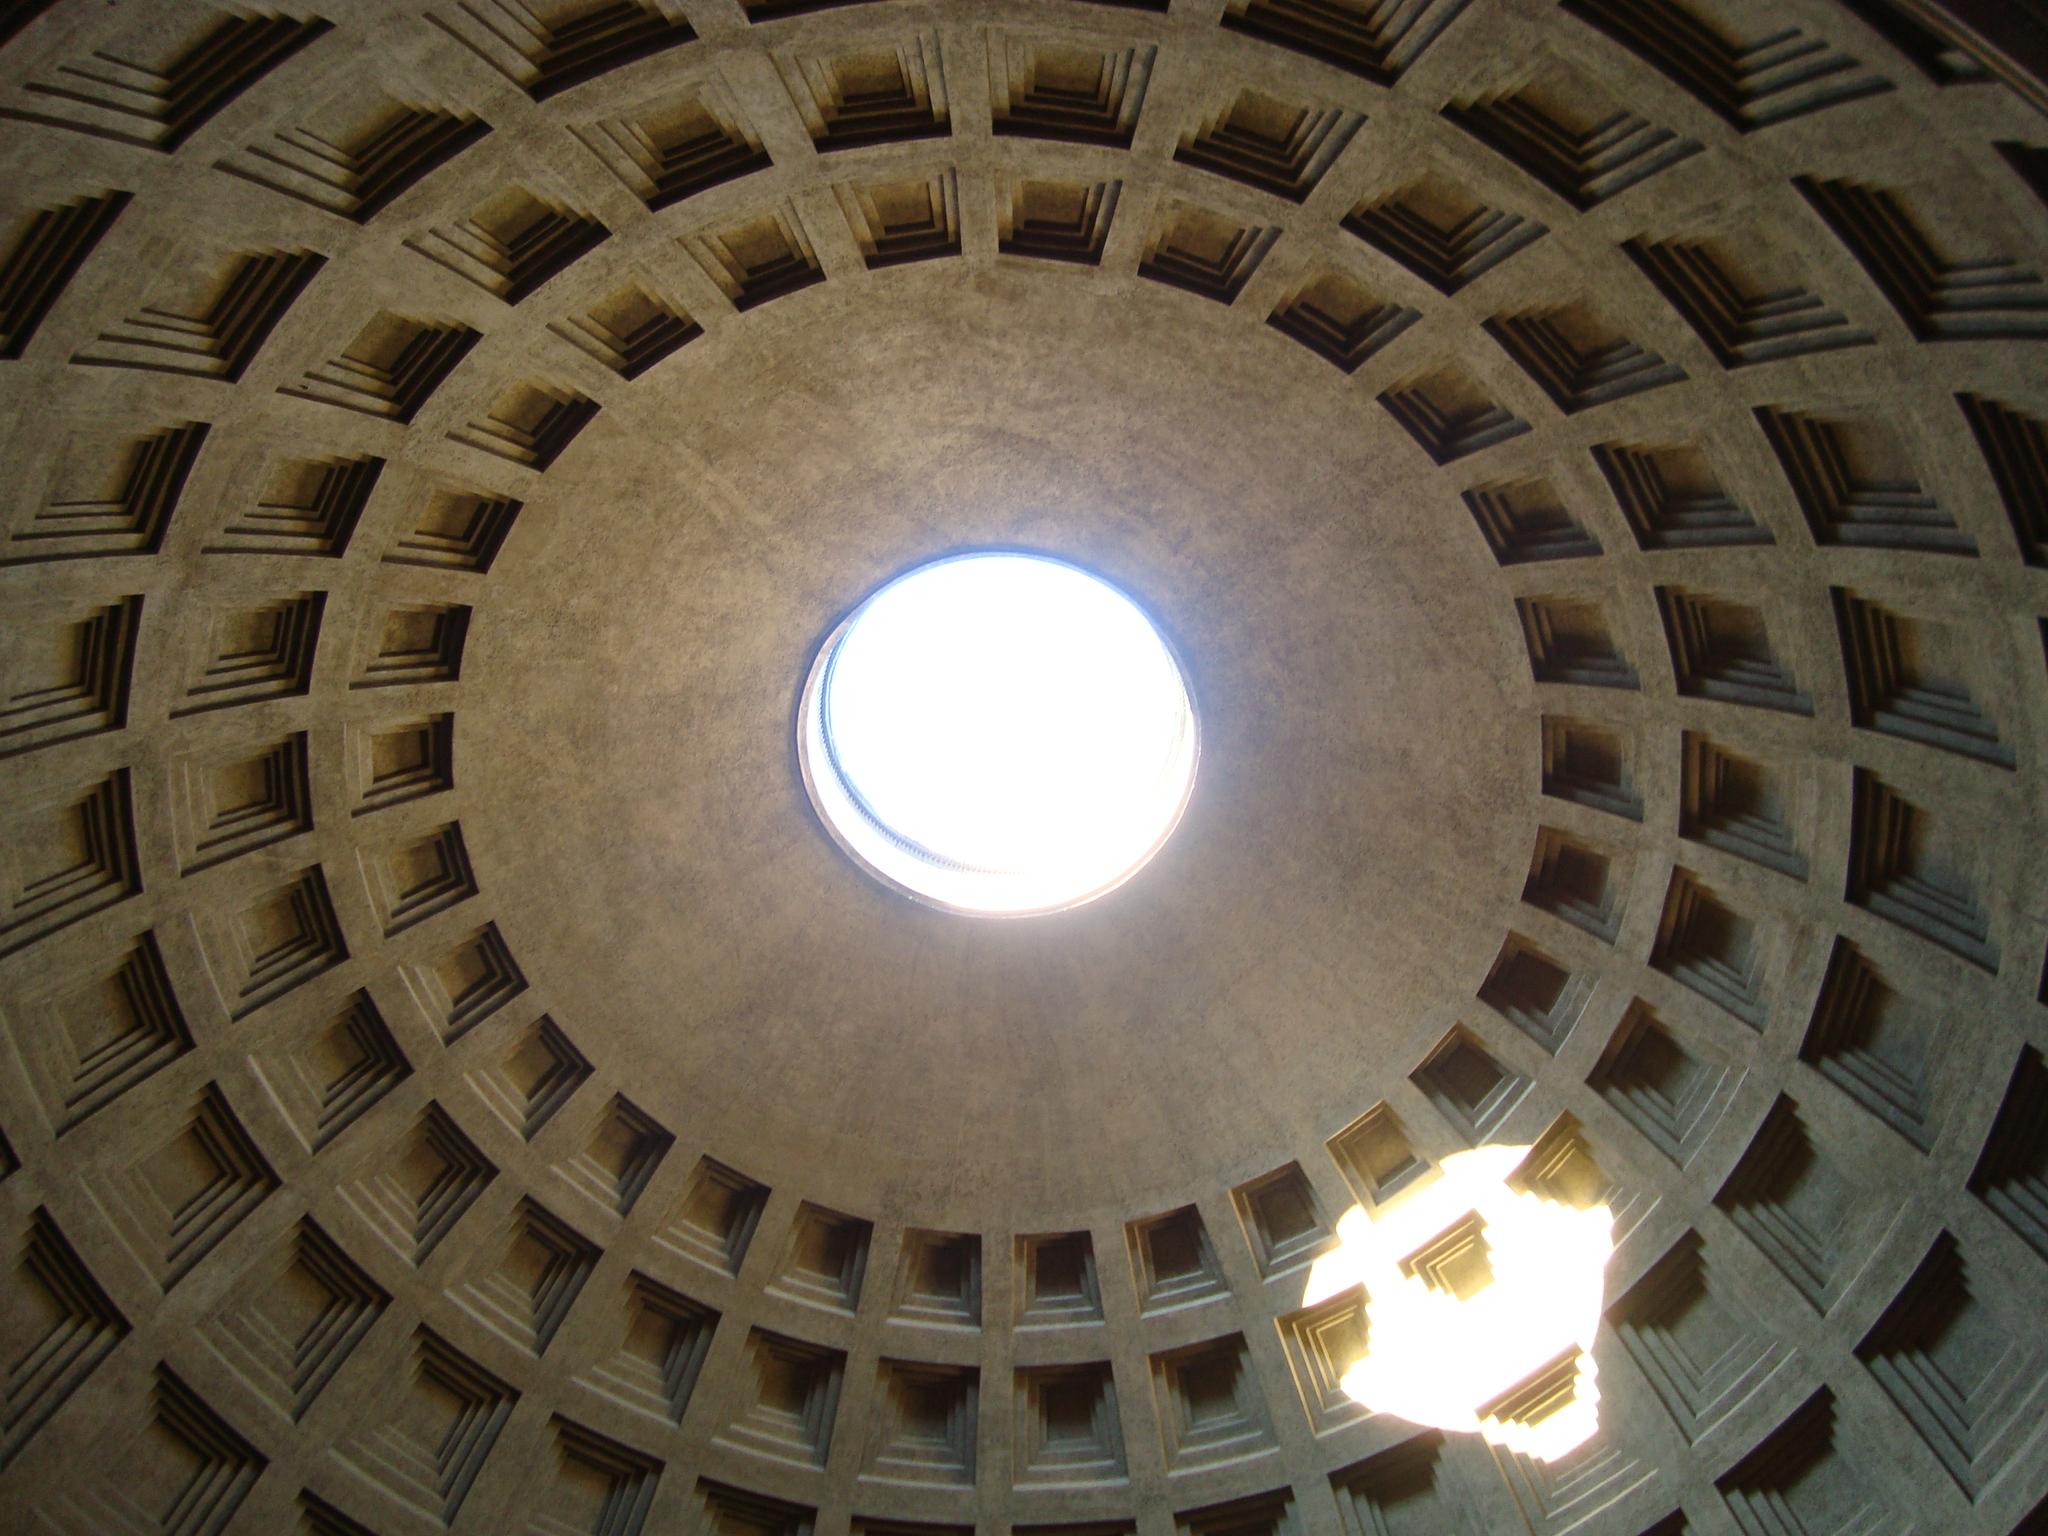 Blick in die Kuppel des Pantheon in Rom